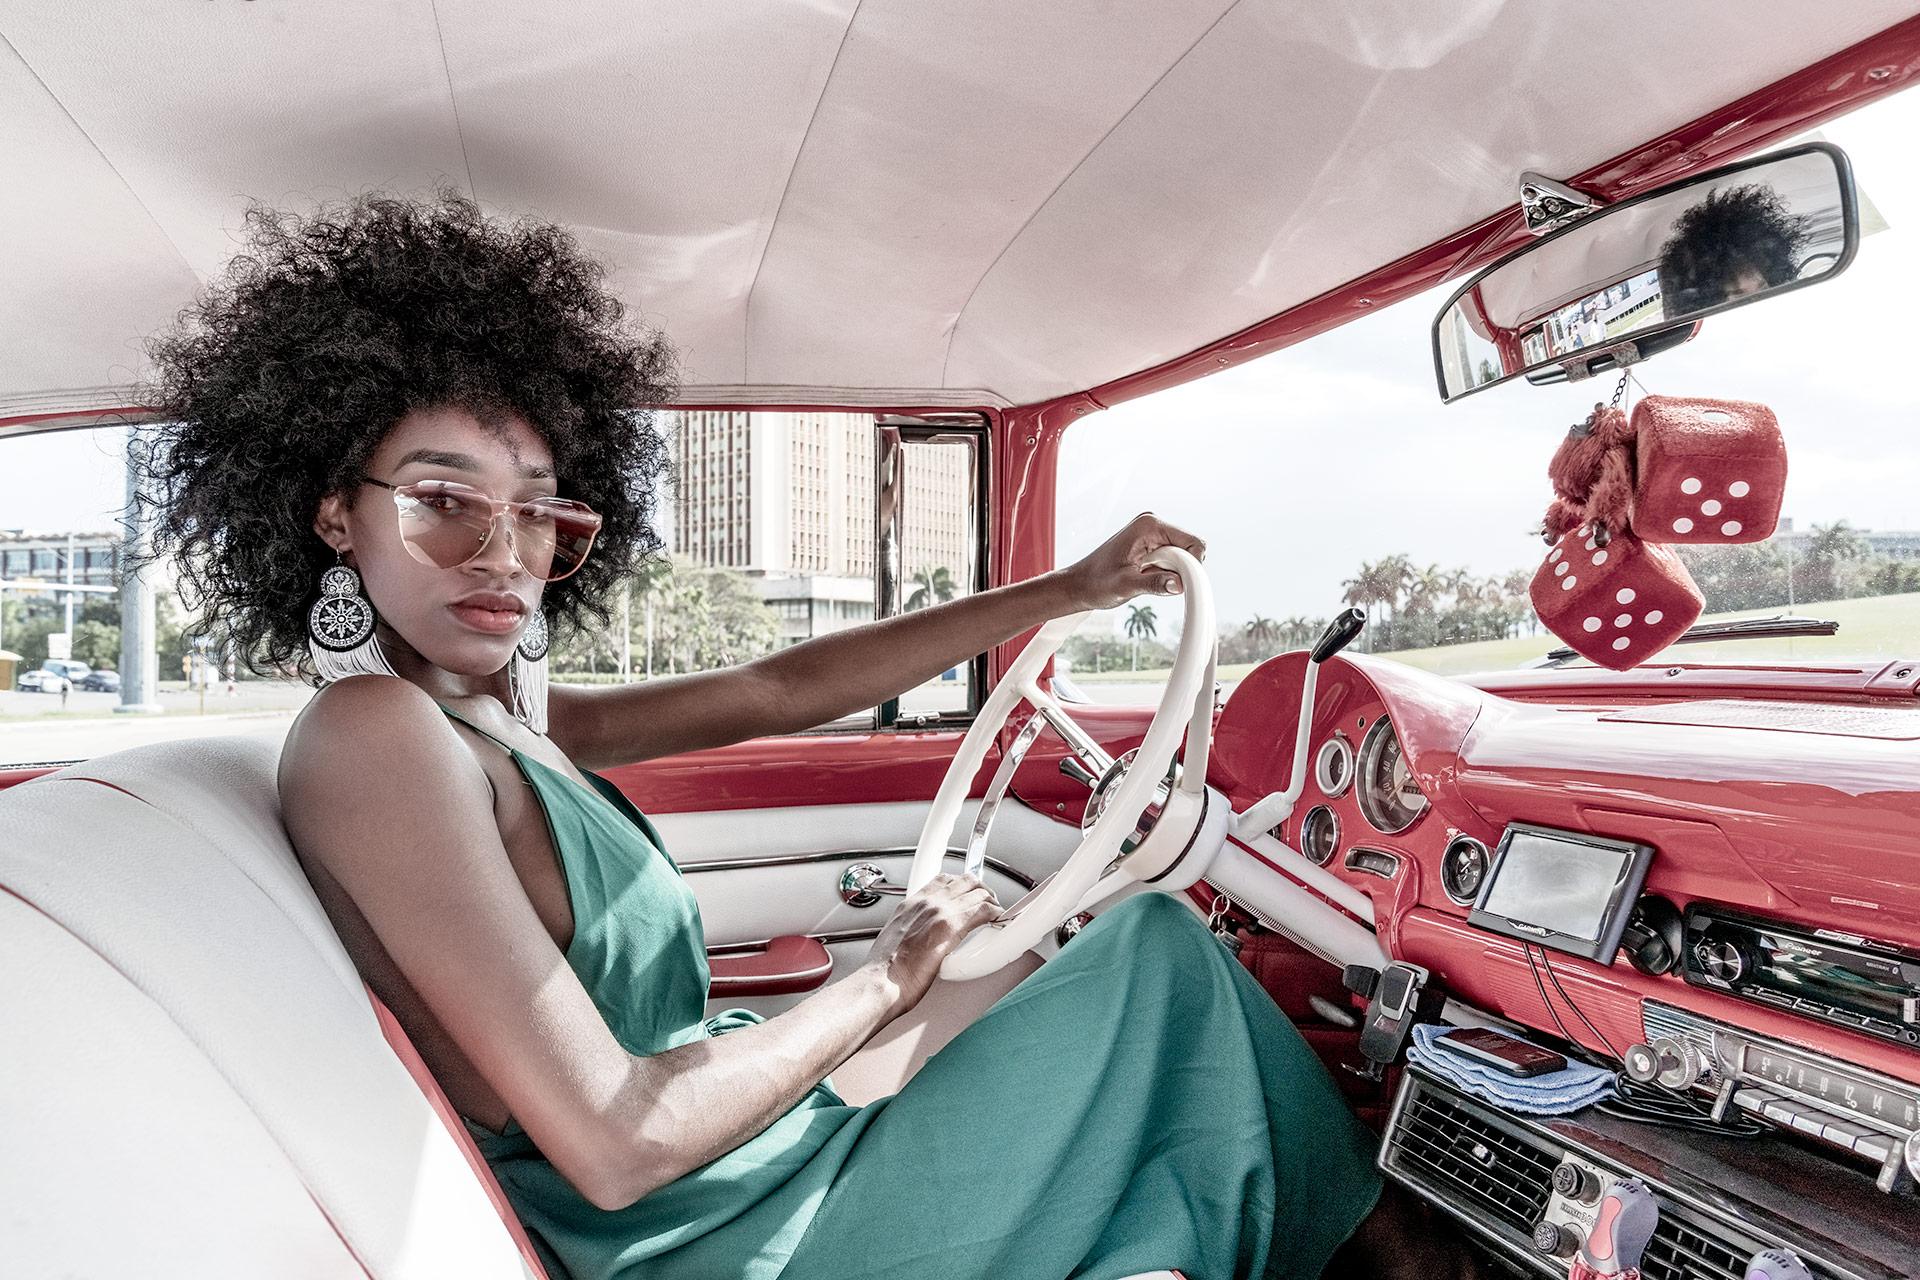 Fotomodell auf Kuba in einem Oldtimer fotografiert auf einer Fotoreise mit Benny Rebel